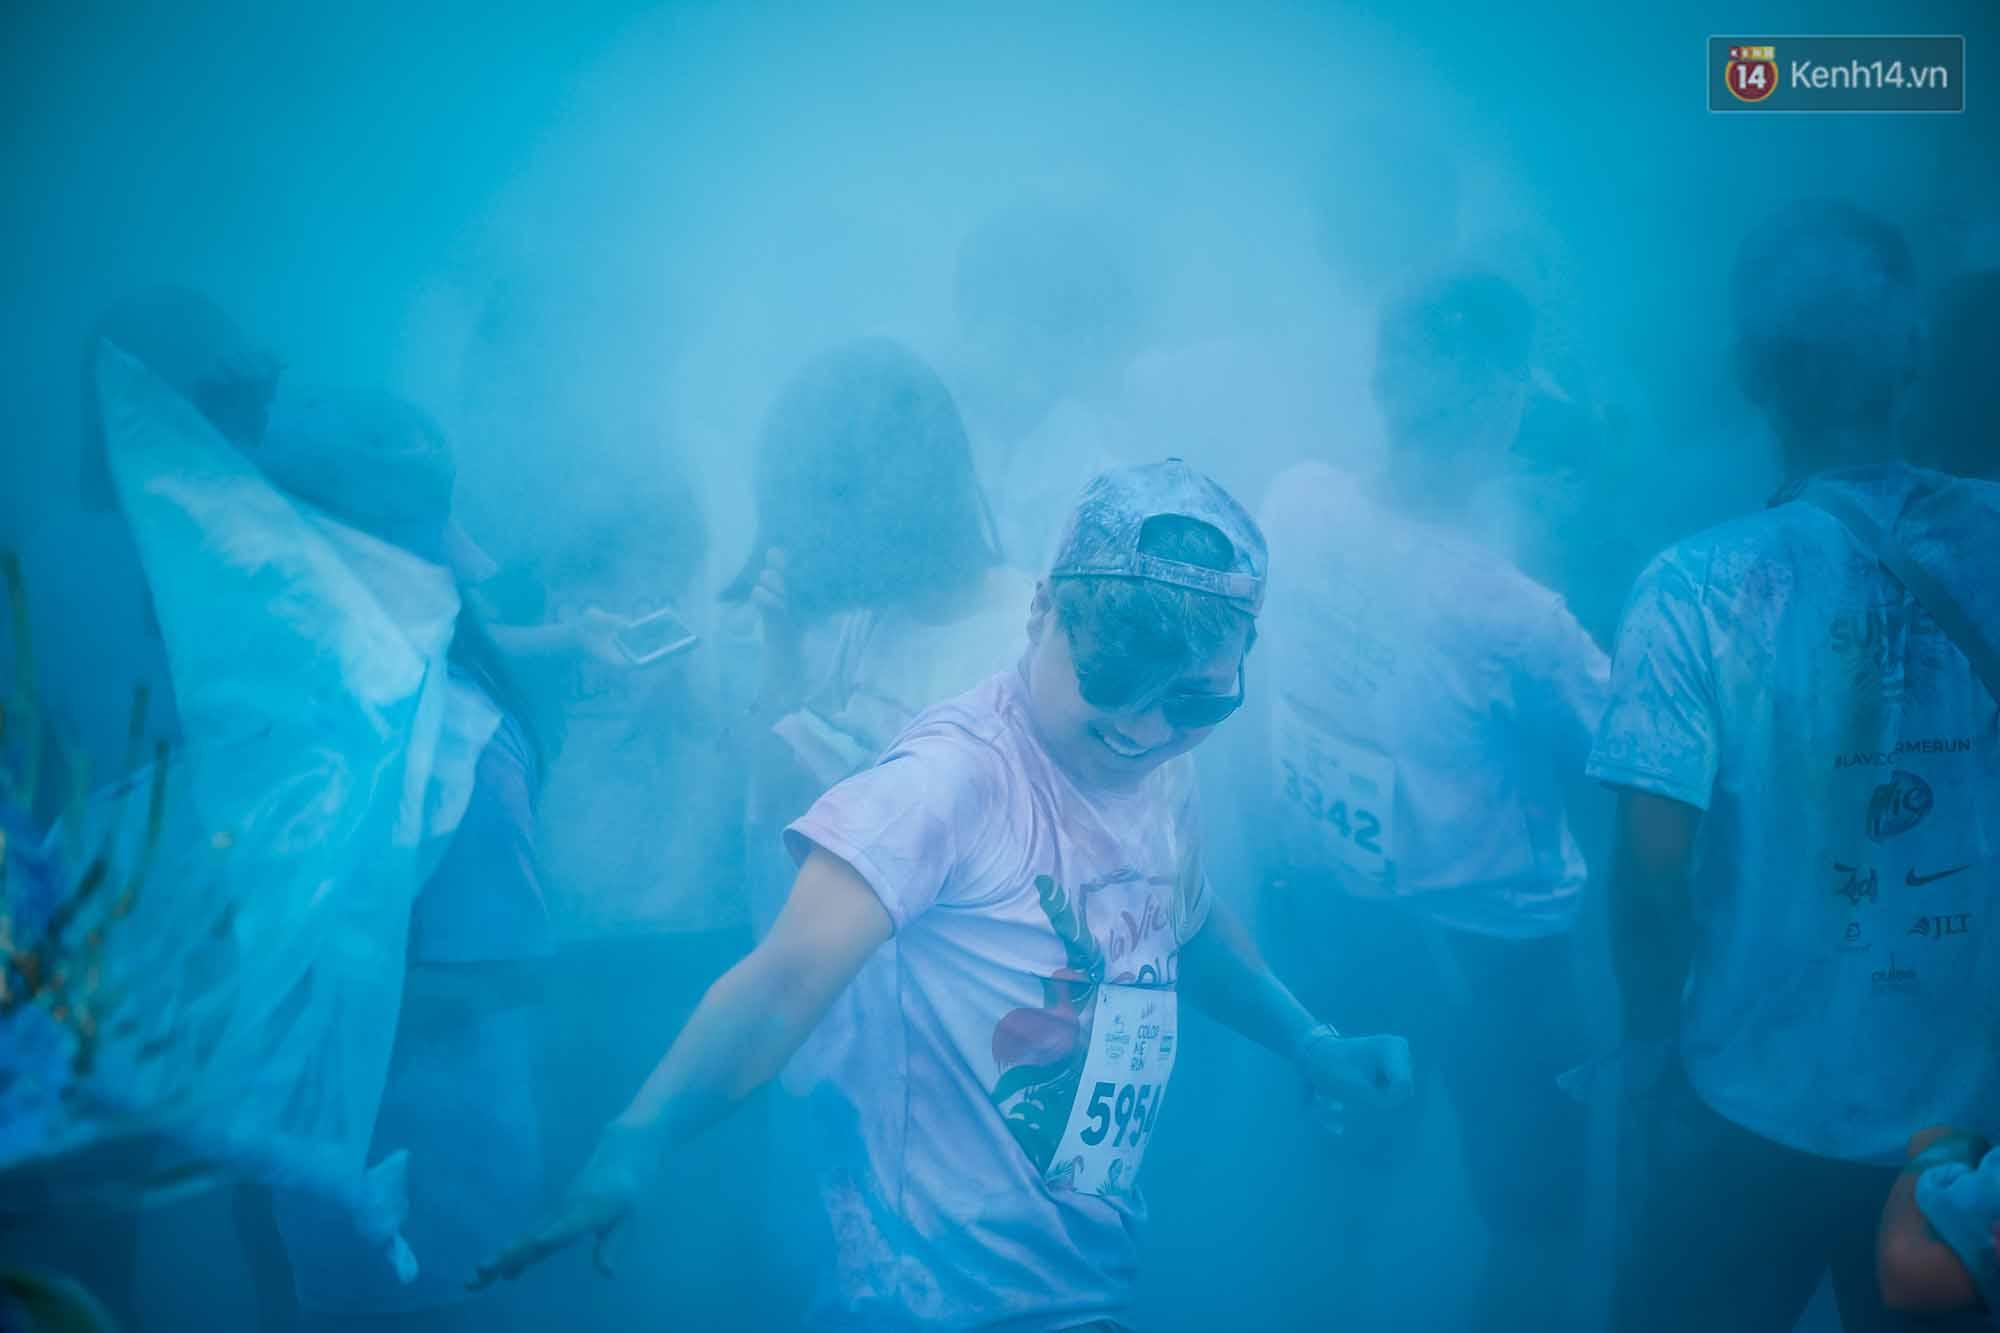 Những khoảnh khắc chứng minh đi Color Me Run lúc nào cũng vui và được quẩy hết mình! - Ảnh 3.